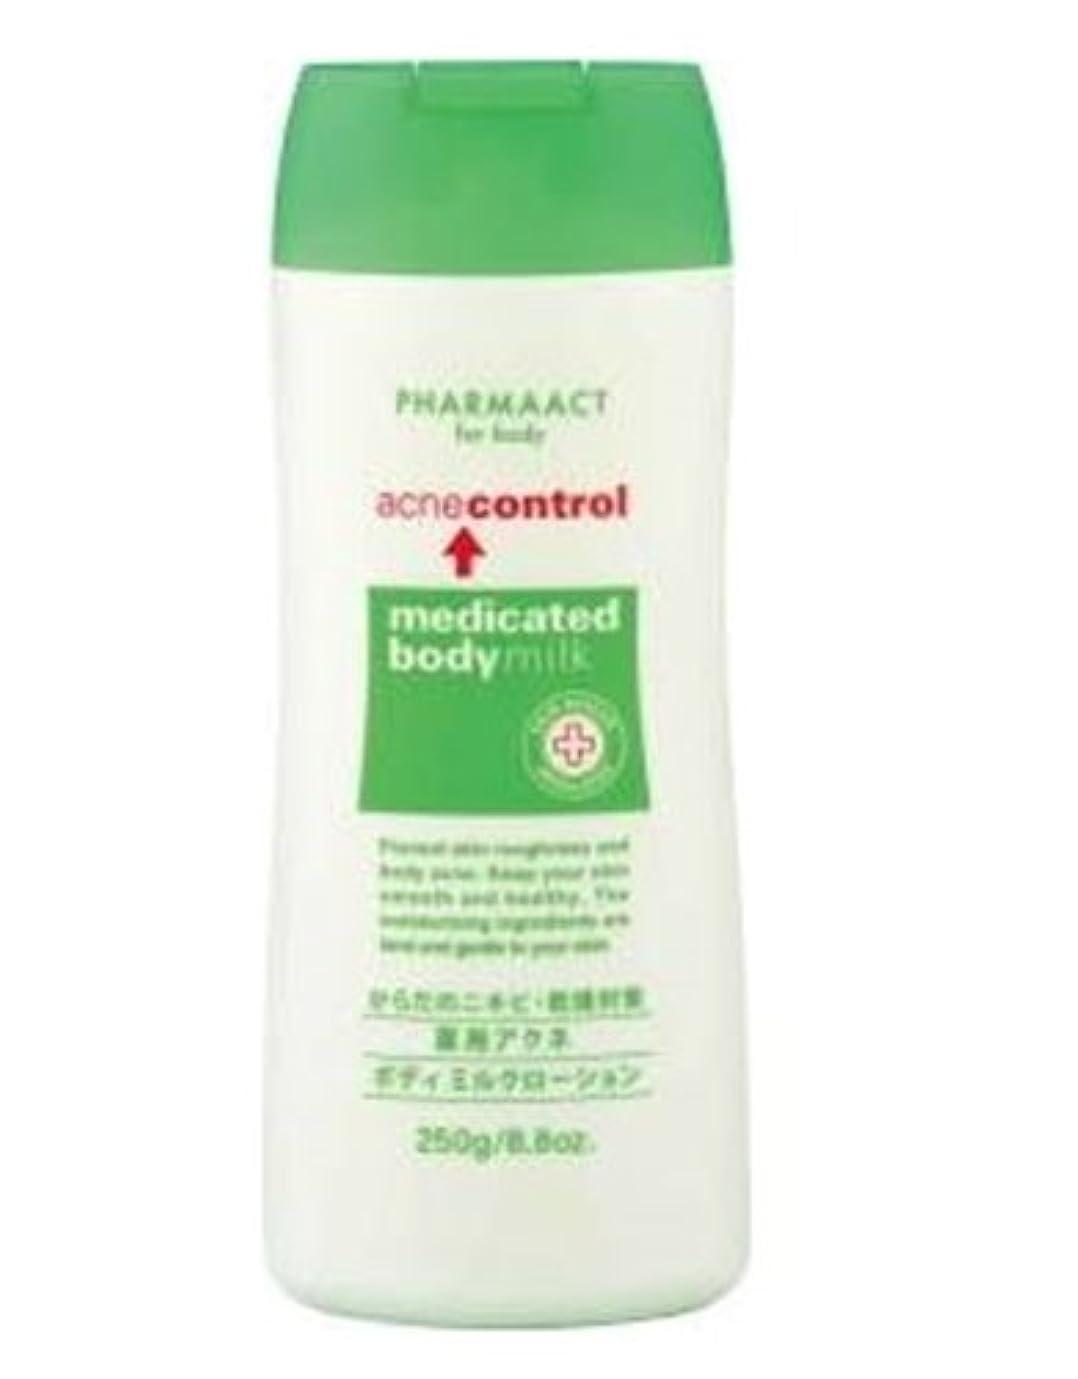 厄介な不承認枝熊野油脂  ファーマアクト 薬用アクネボディミルクローション 250g